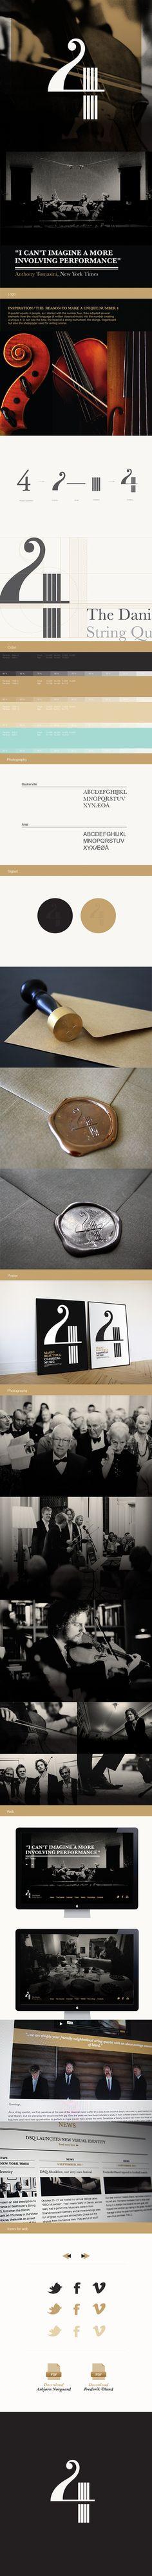 The Danish String Quartet / Corporate identity by Maibritt Lind Hansen